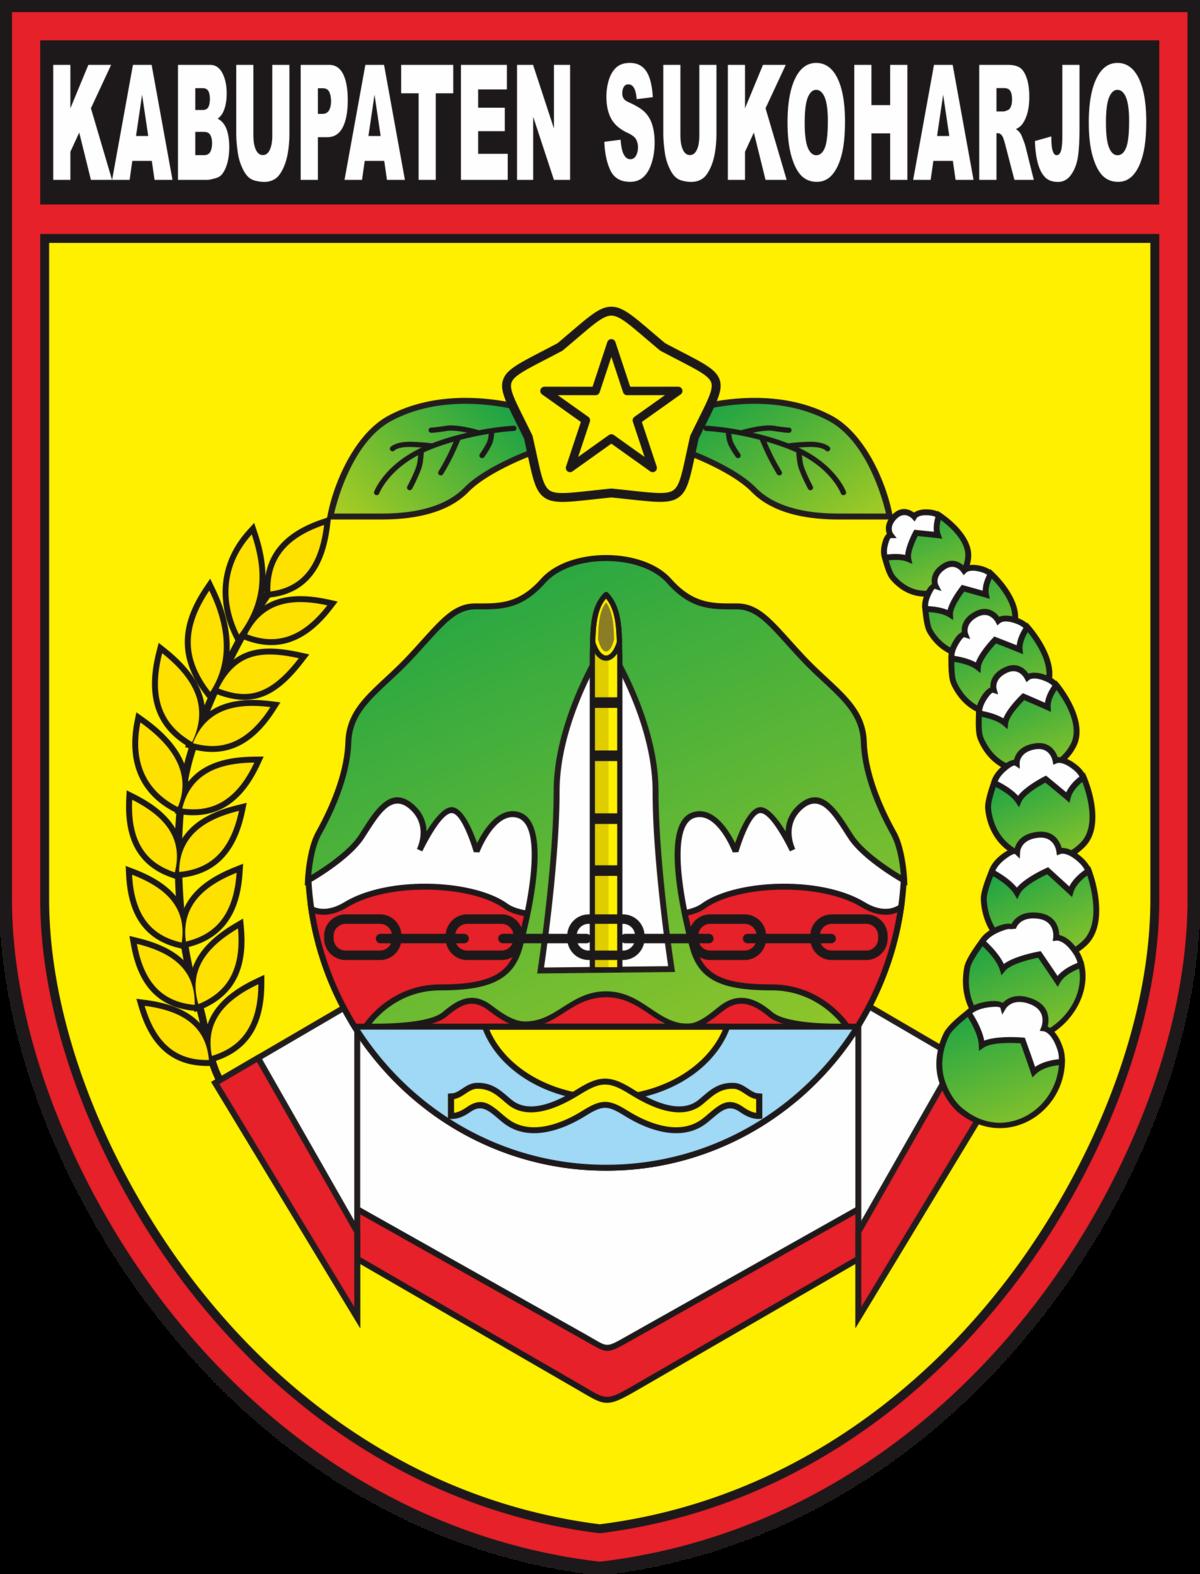 Kabupaten Sukoharjo Wikipedia Bahasa Indonesia Ensiklopedia Bebas Kora Kab